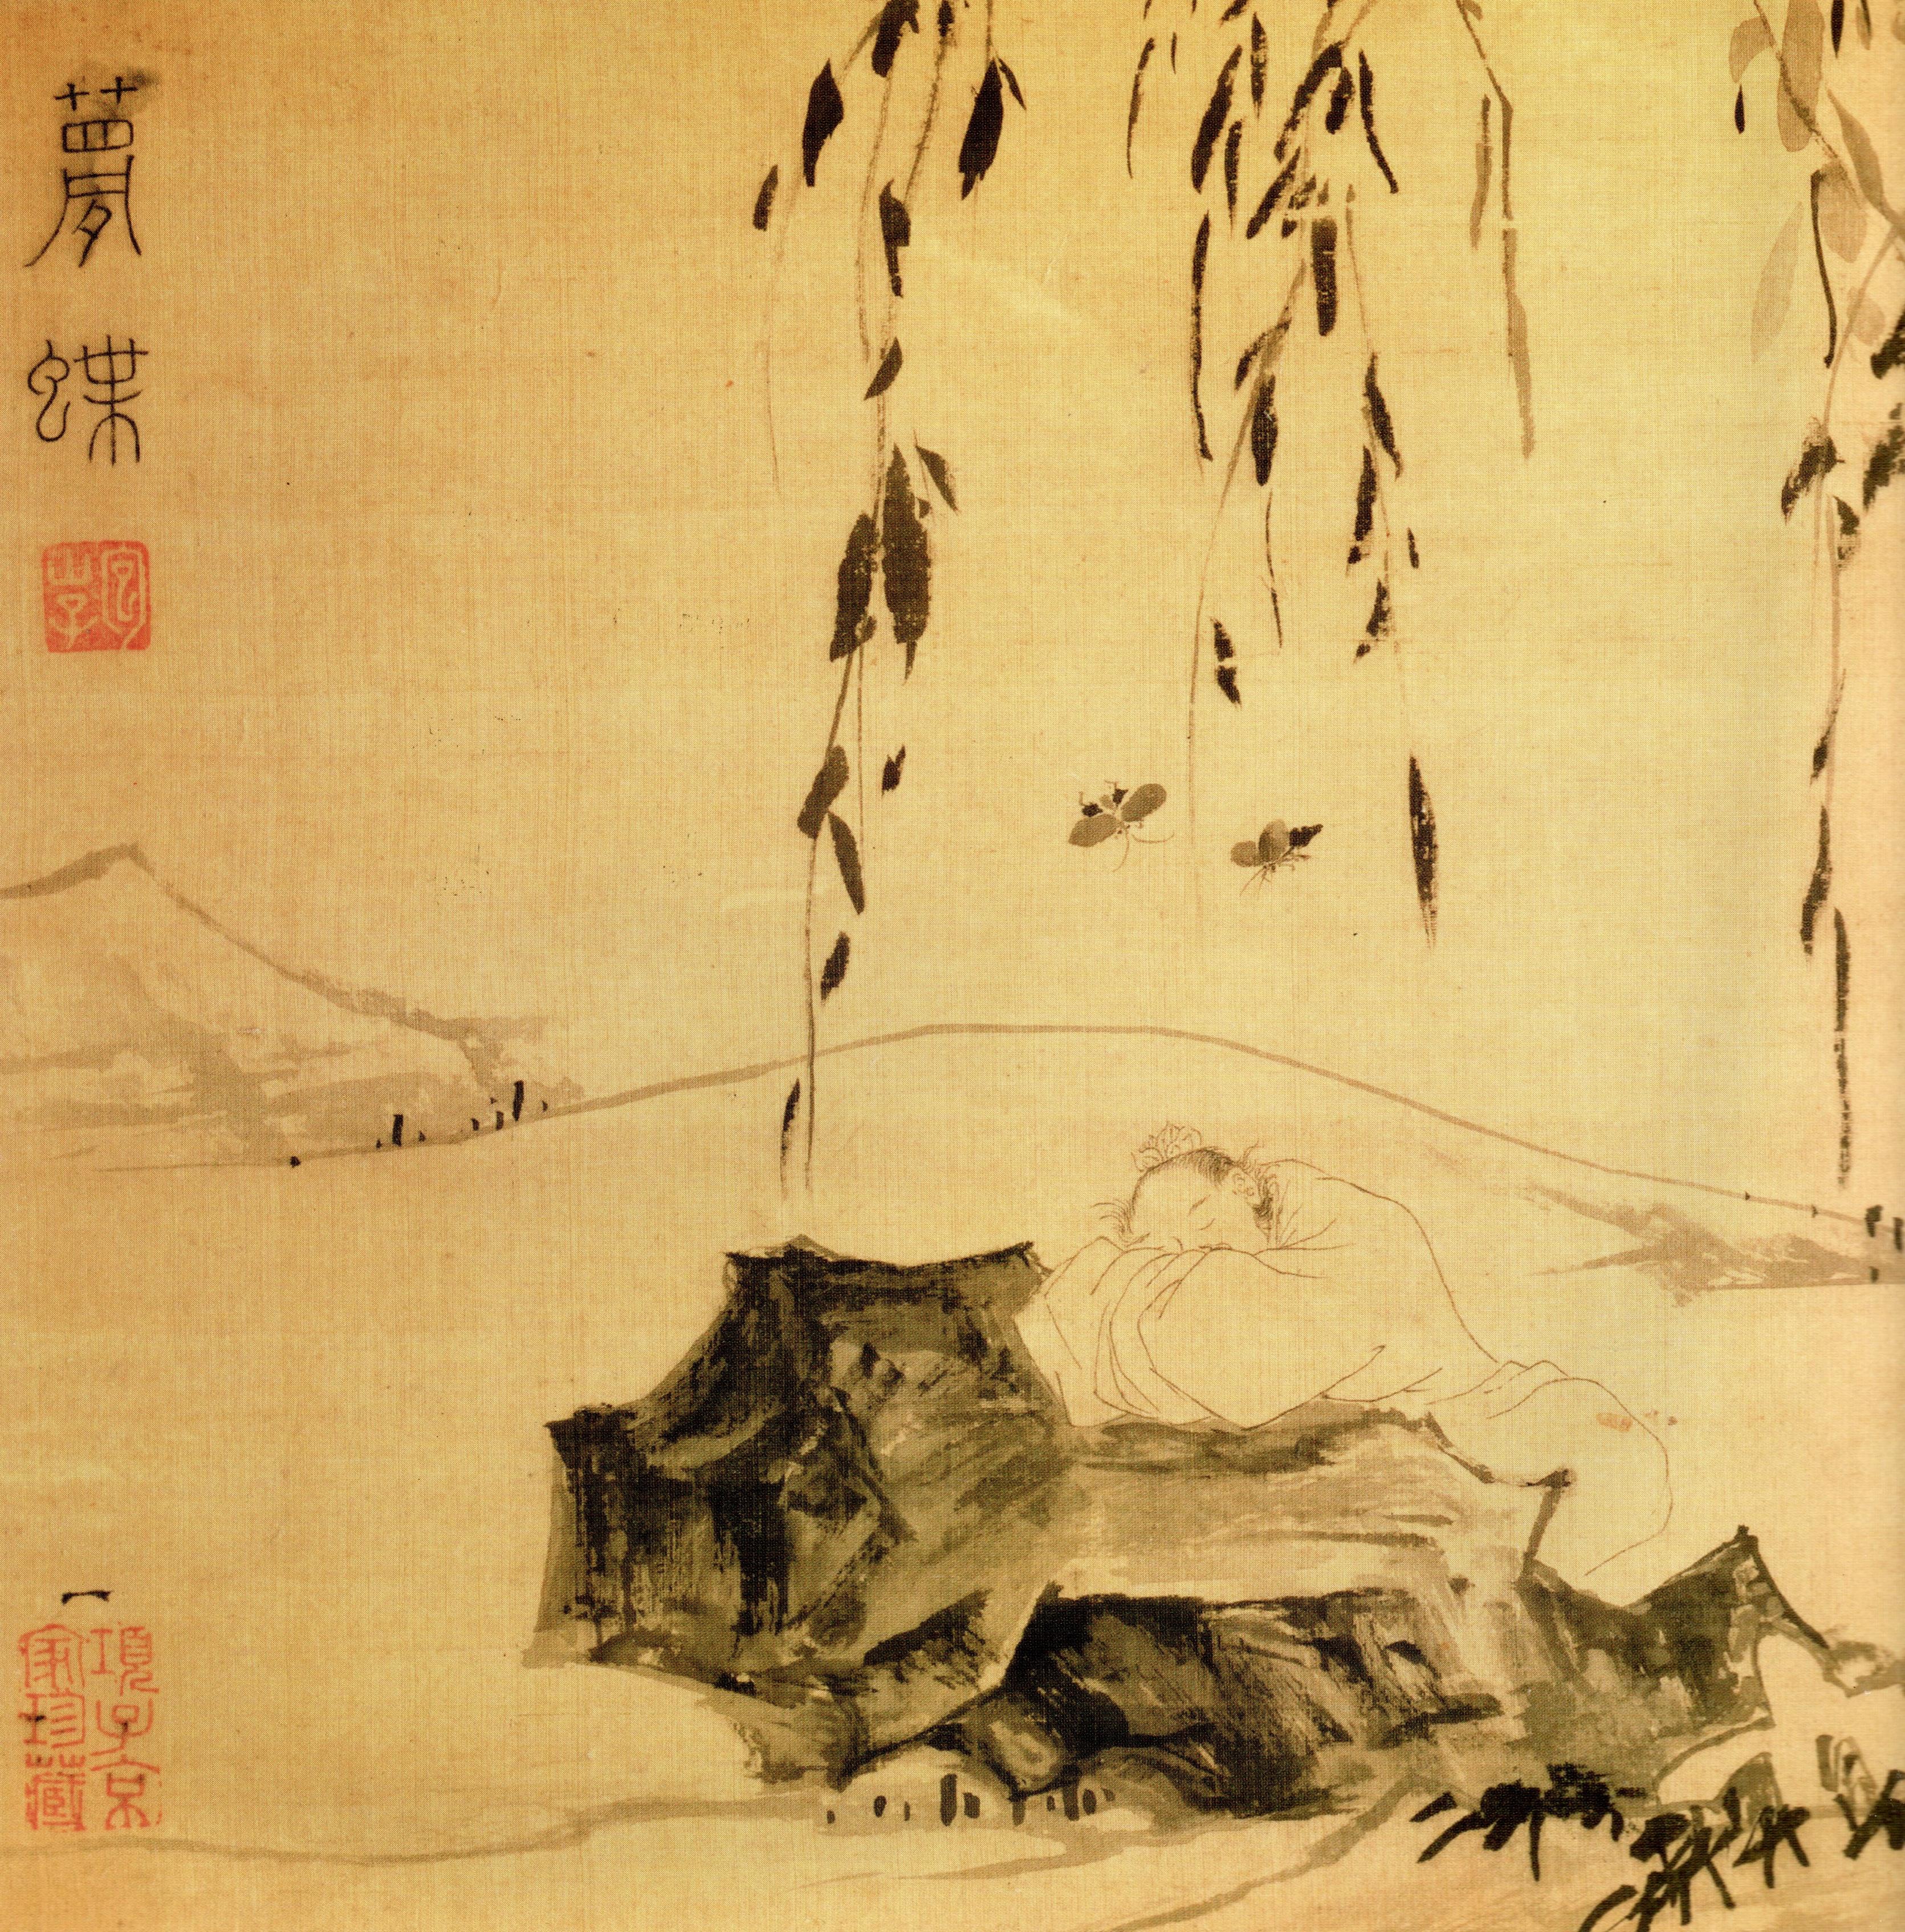 https://upload.wikimedia.org/wikipedia/commons/c/c1/Dschuang-Dsi-Schmetterlingstraum-Zhuangzi-Butterfly-Dream.jpg